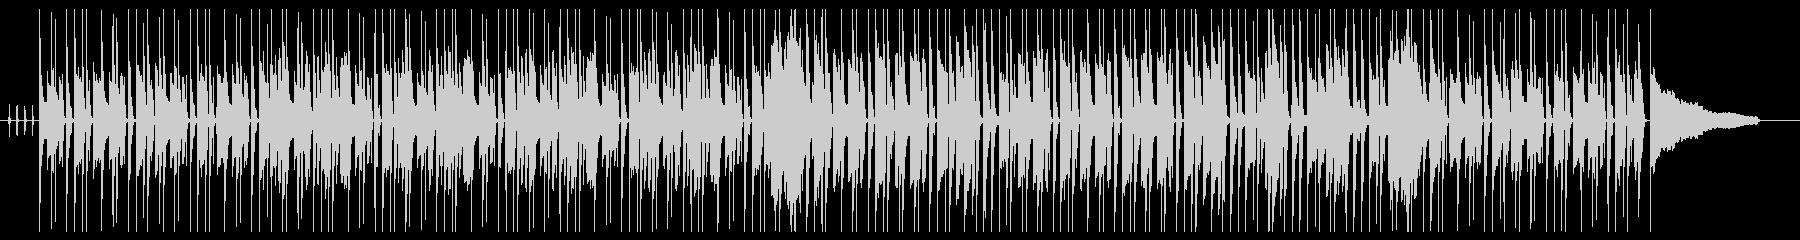 柔らかく暖かいエレピのボサノバ風の未再生の波形